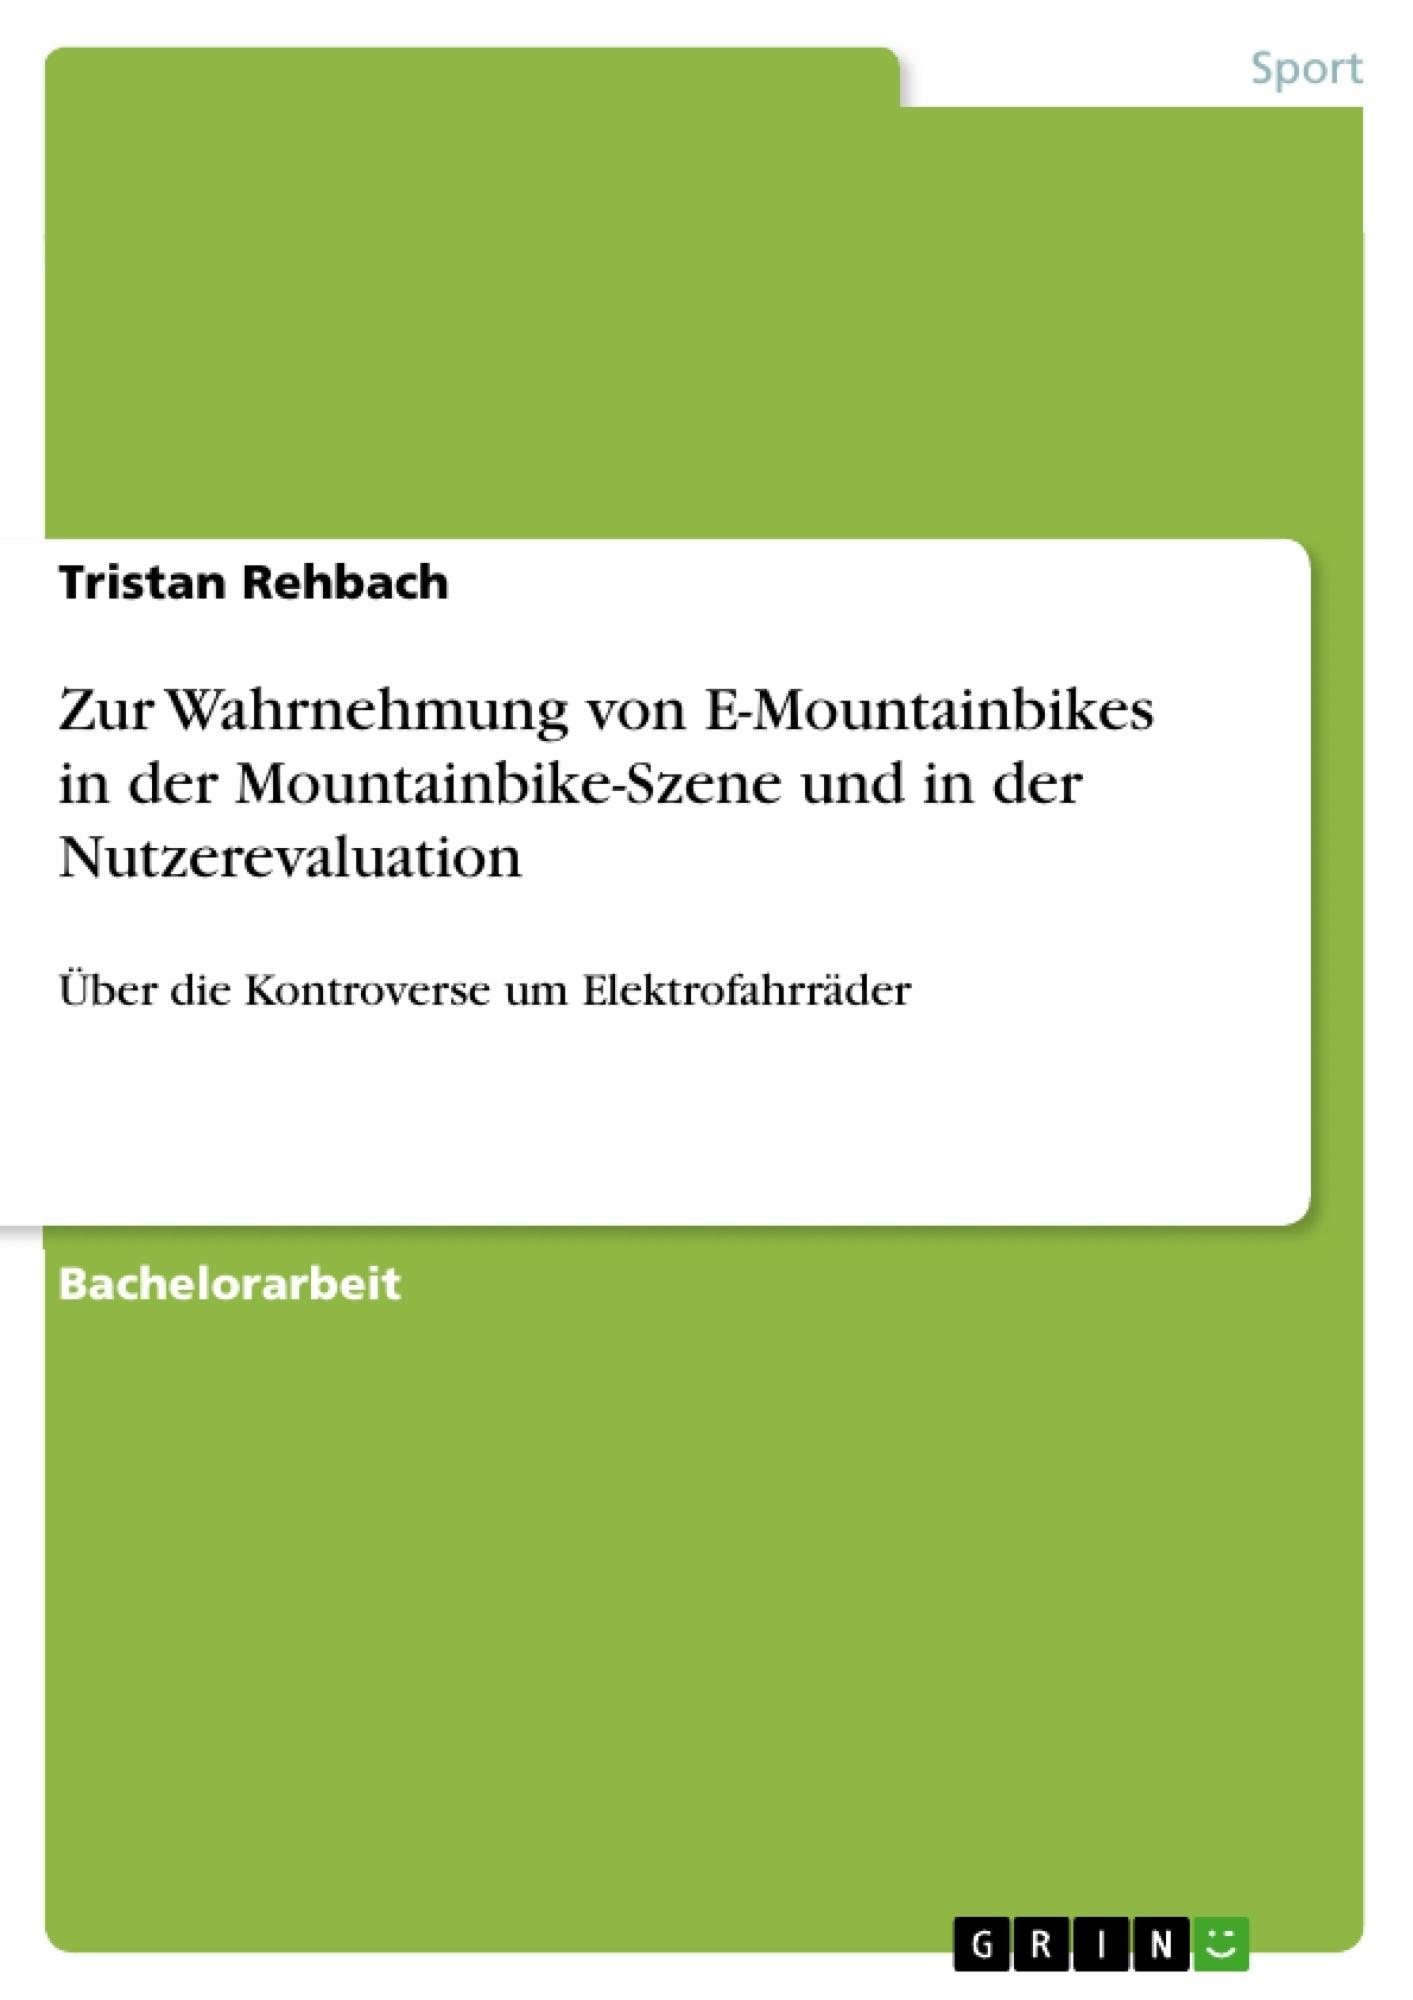 Titel: Zur Wahrnehmung von E-Mountainbikes in der Mountainbike-Szene und in der Nutzerevaluation